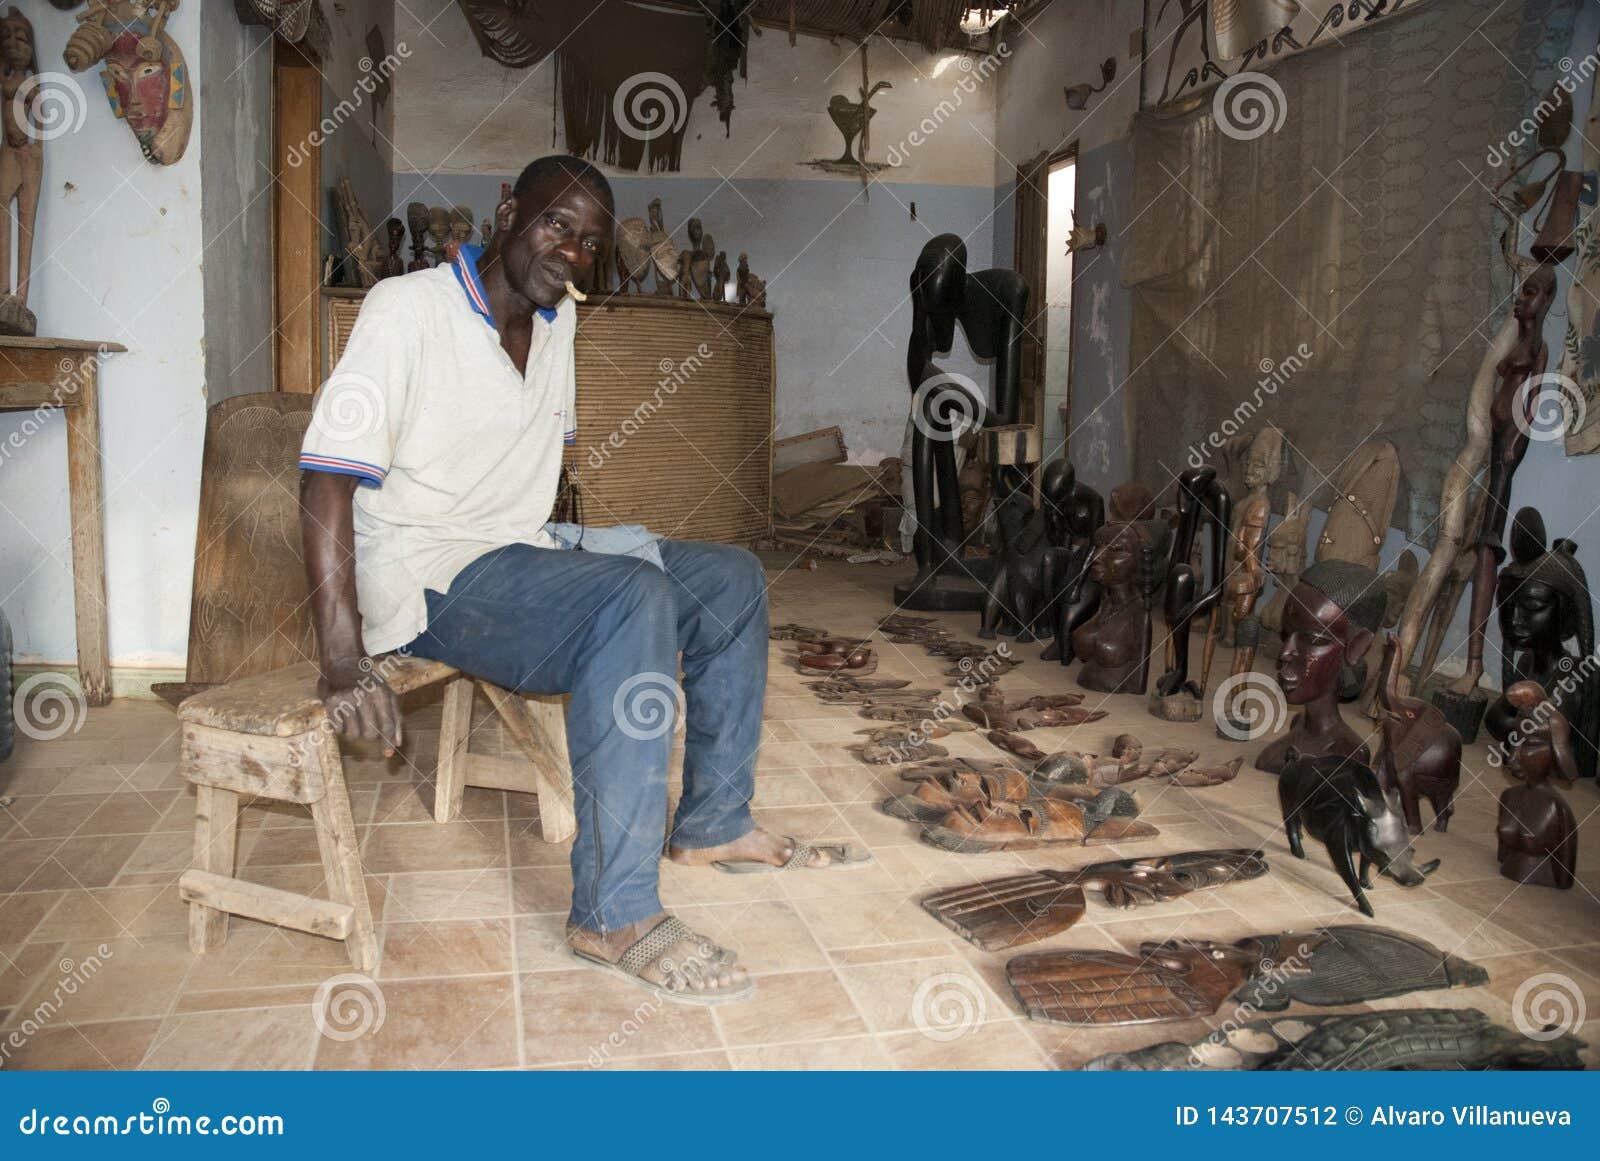 Mbour, Sénégal, handcrafts le vendeur posant à l intérieur de son petit magasin